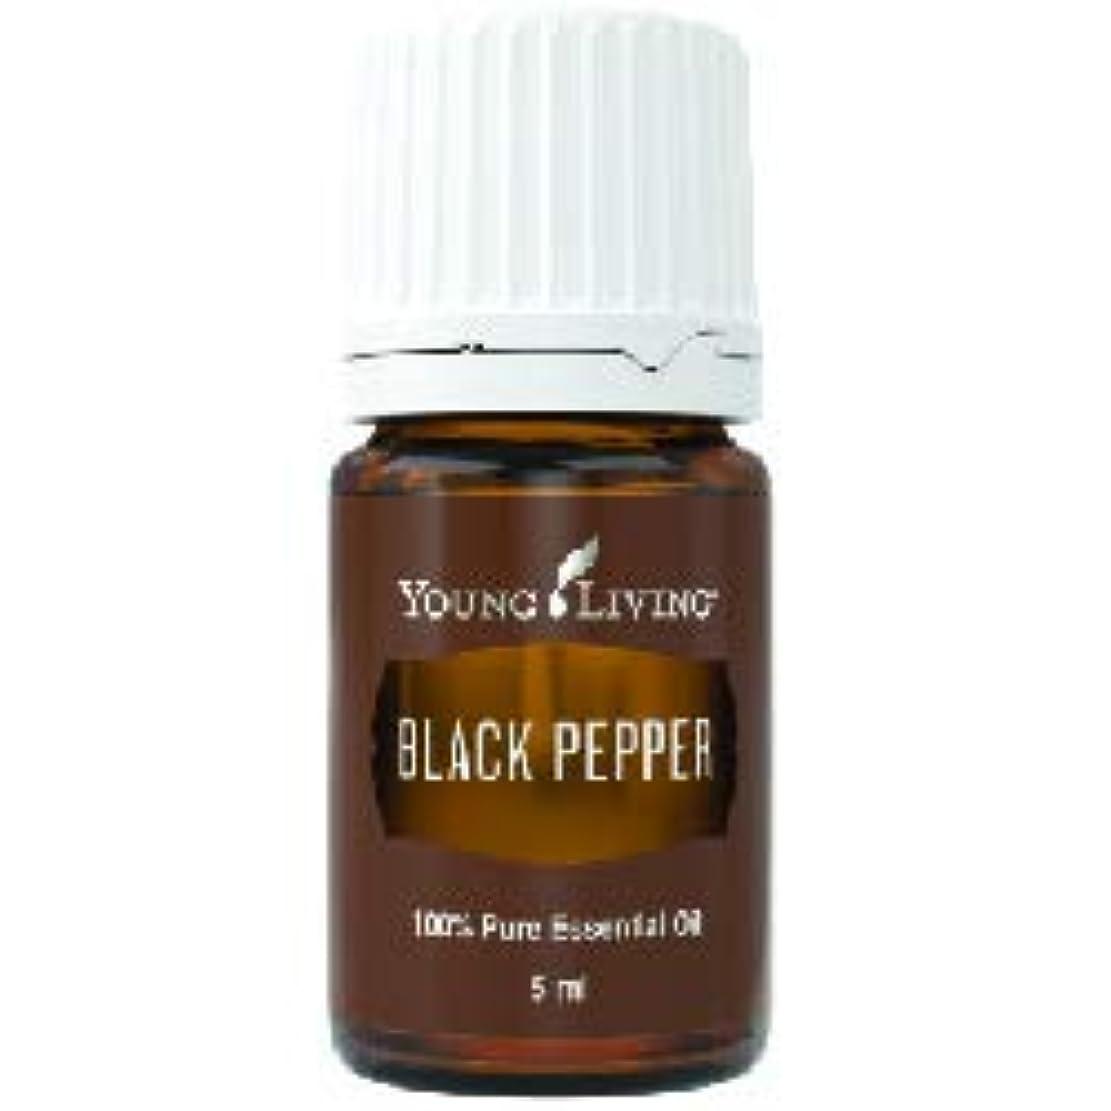 粉砕する木製ベイビーブラックペッパーエッセンシャルオイル 5 ml byヤングリビングエッセンシャルオイルマレーシア Black Pepper Essential Oil 5 ml by Young Living Essential Oil...